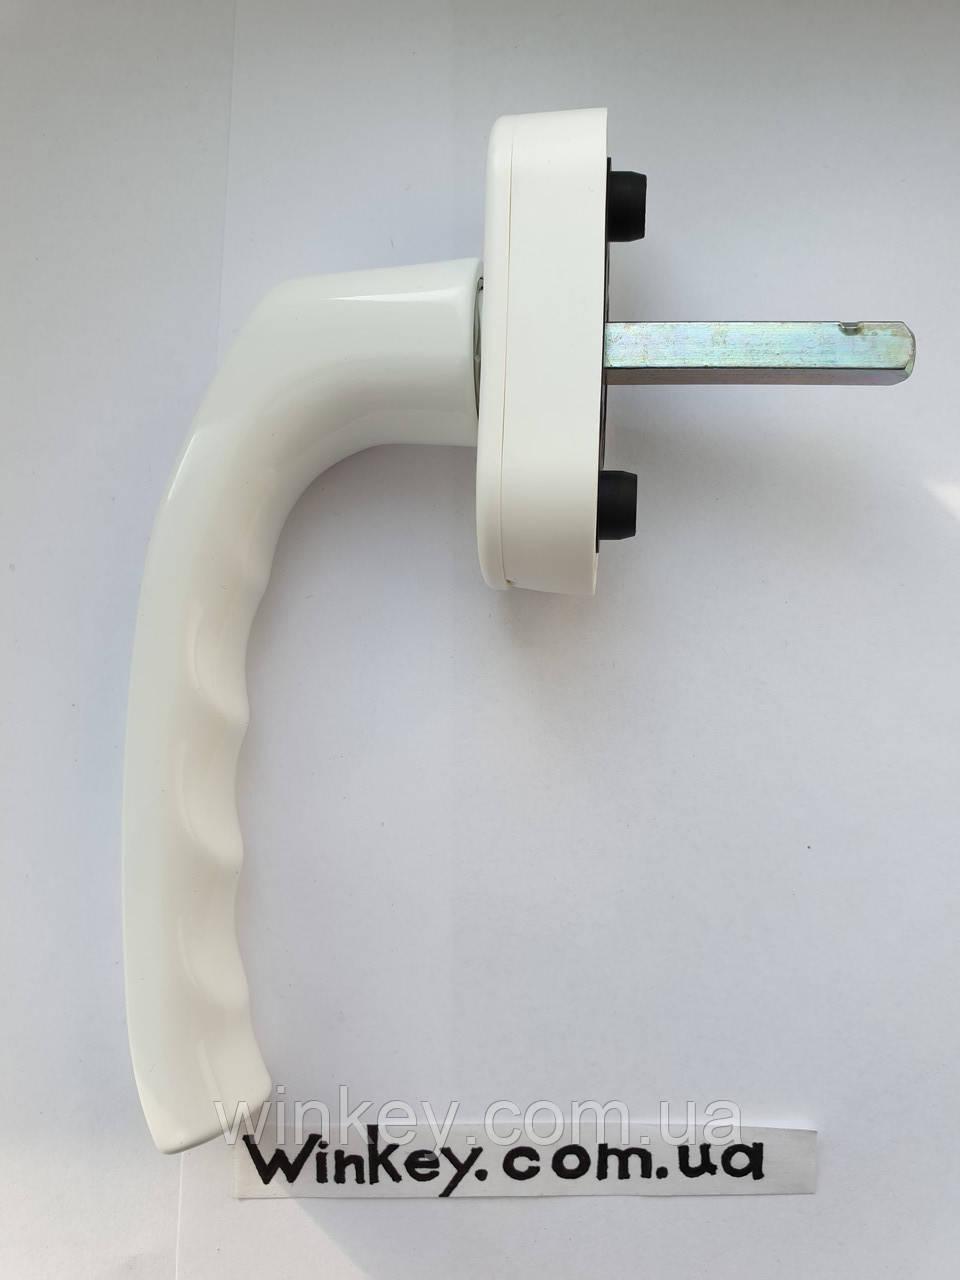 Ручка оконная Hoppe Stuttgart Secustik белая оригинал Германия